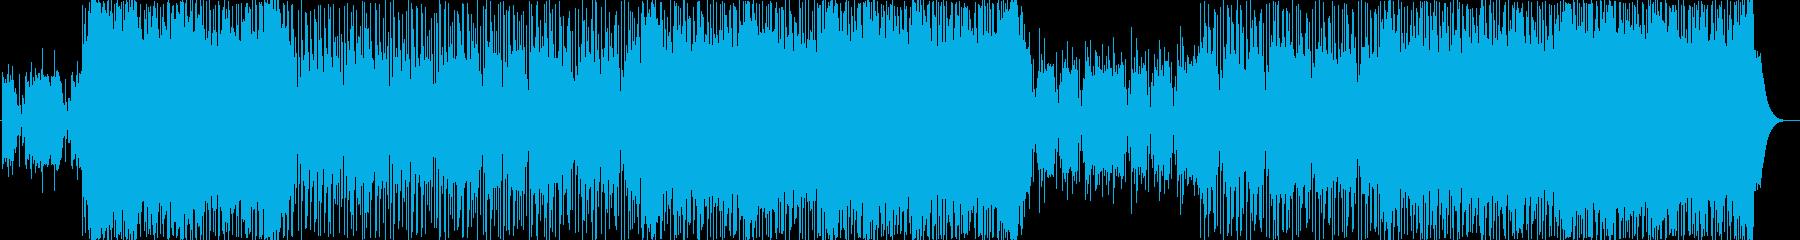 ギターとシンセが絡み合うデジタルロックの再生済みの波形